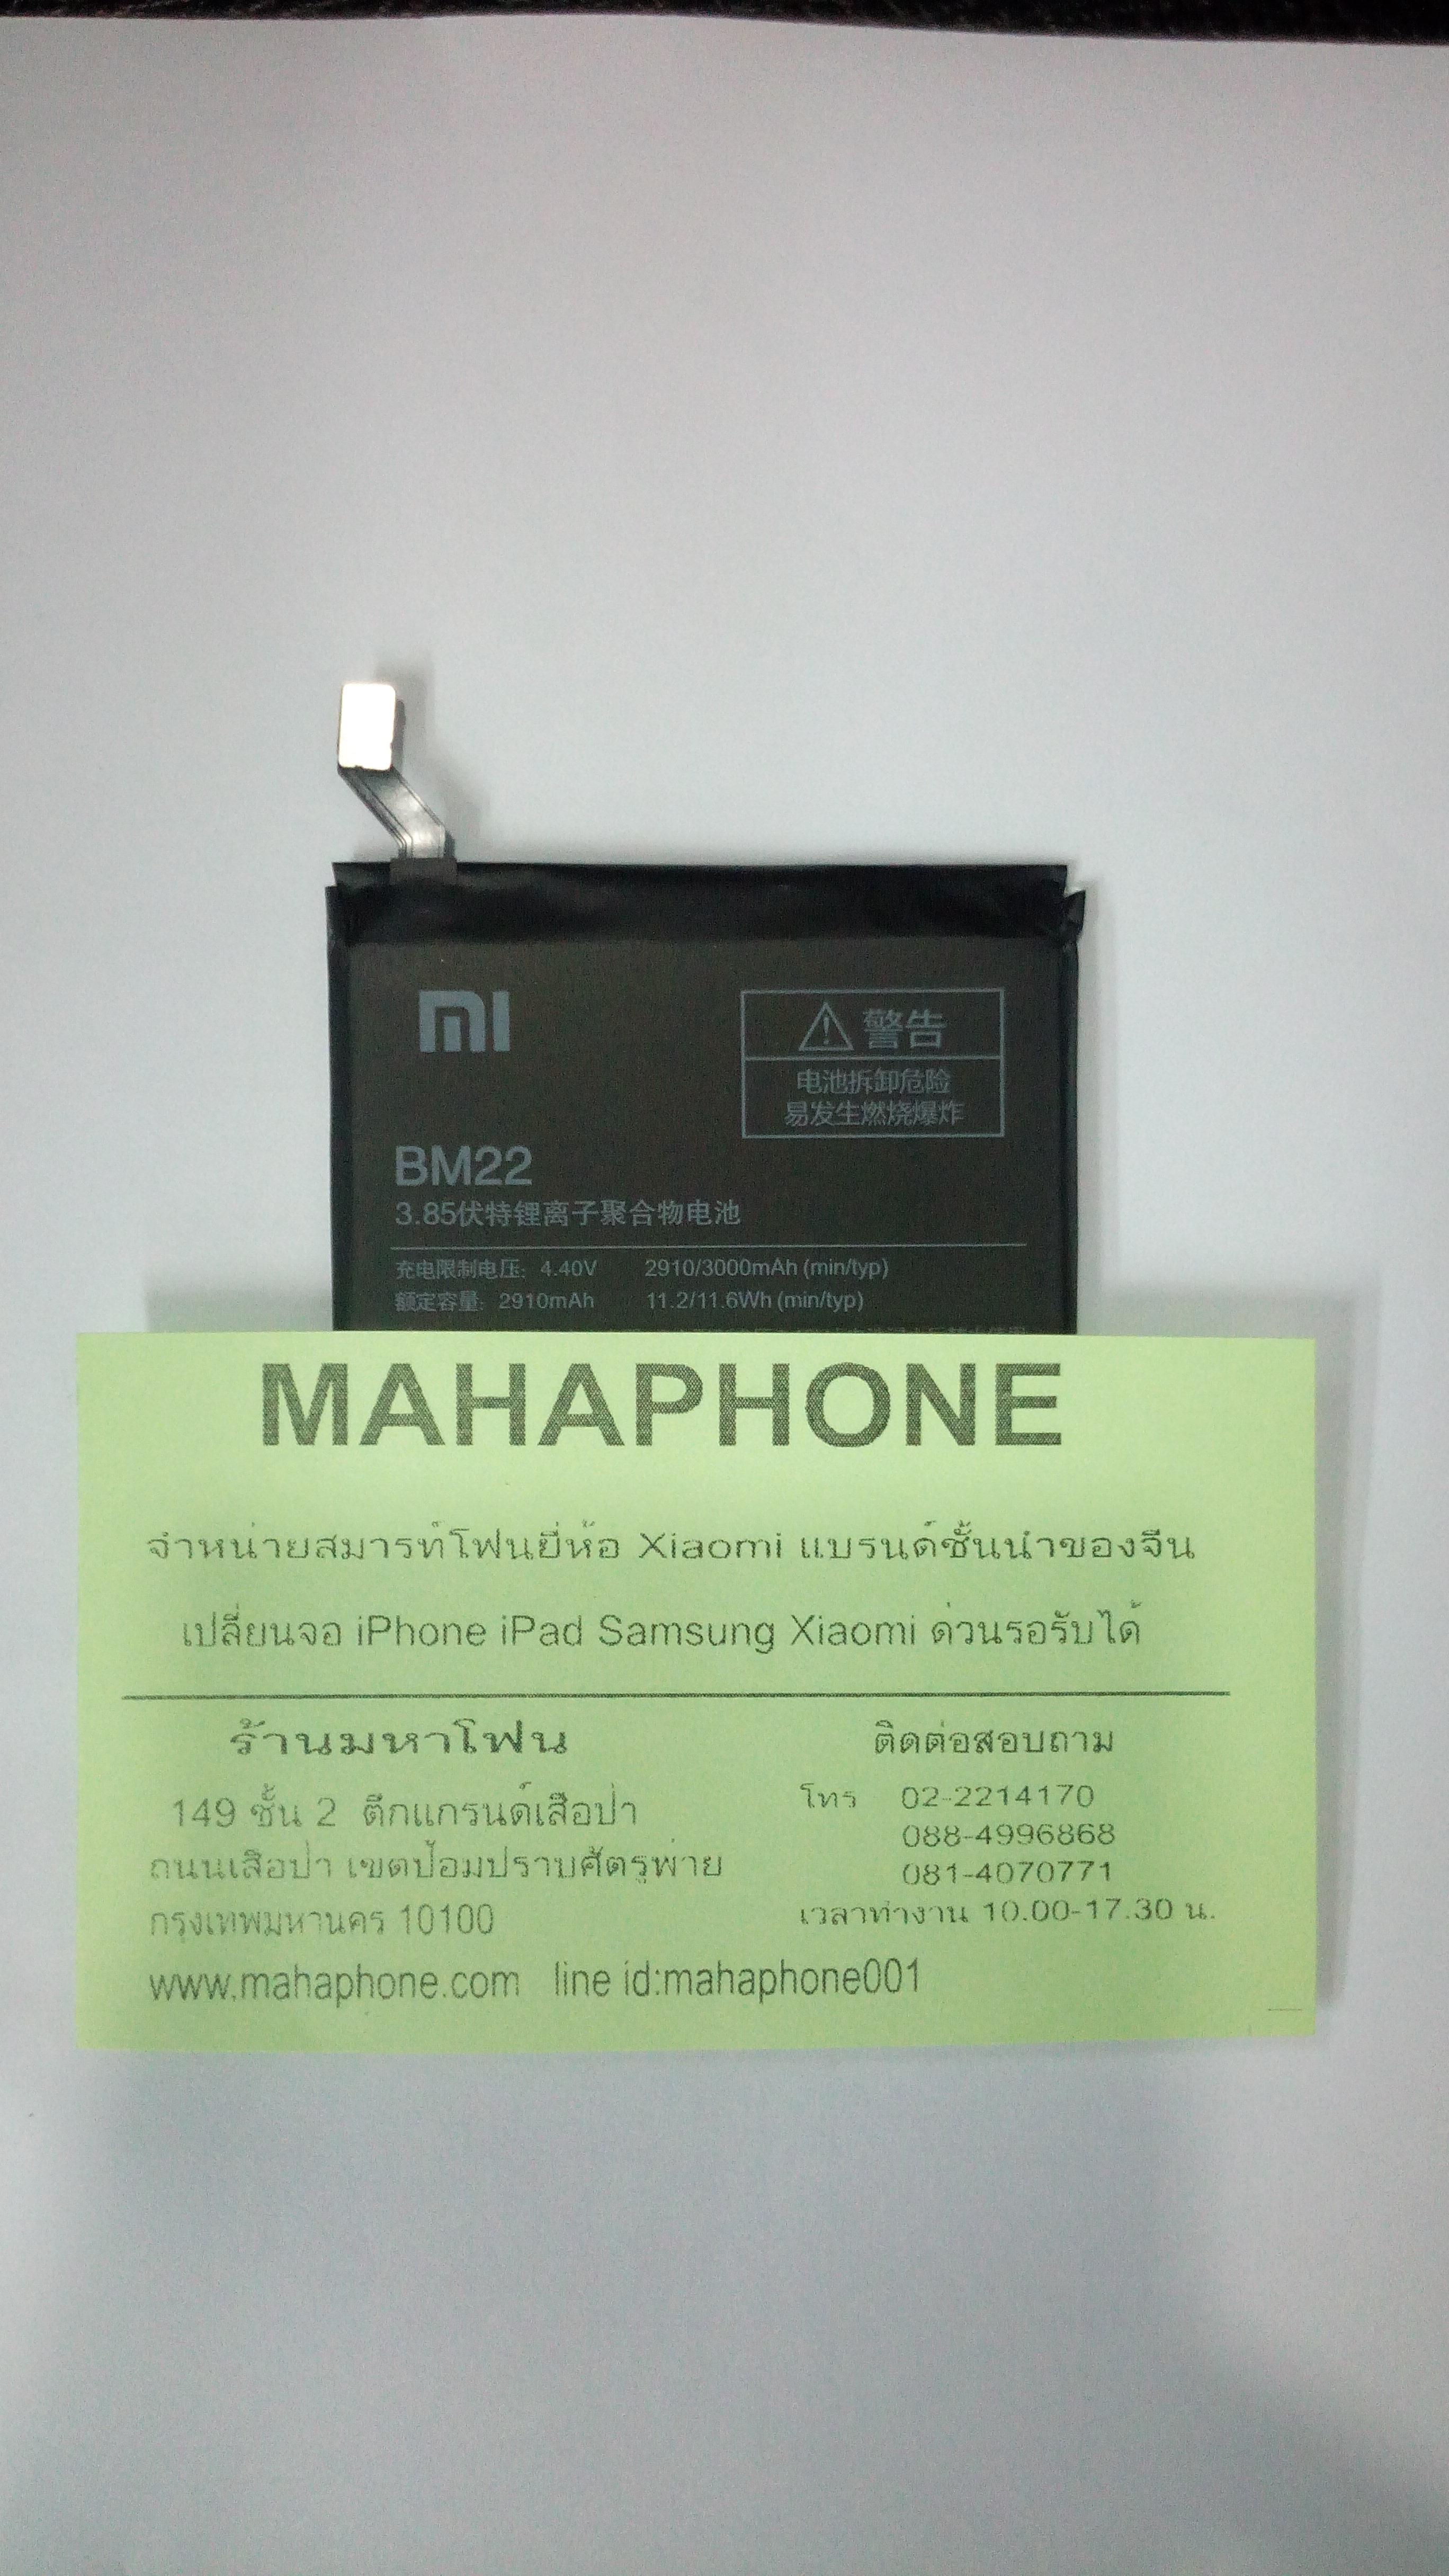 เปลี่ยนแบตเตอรี่ Xiaomi Mi 5 (BM22) แบตเสื่อม แบตเสีย รับประกัน 1 เดือน